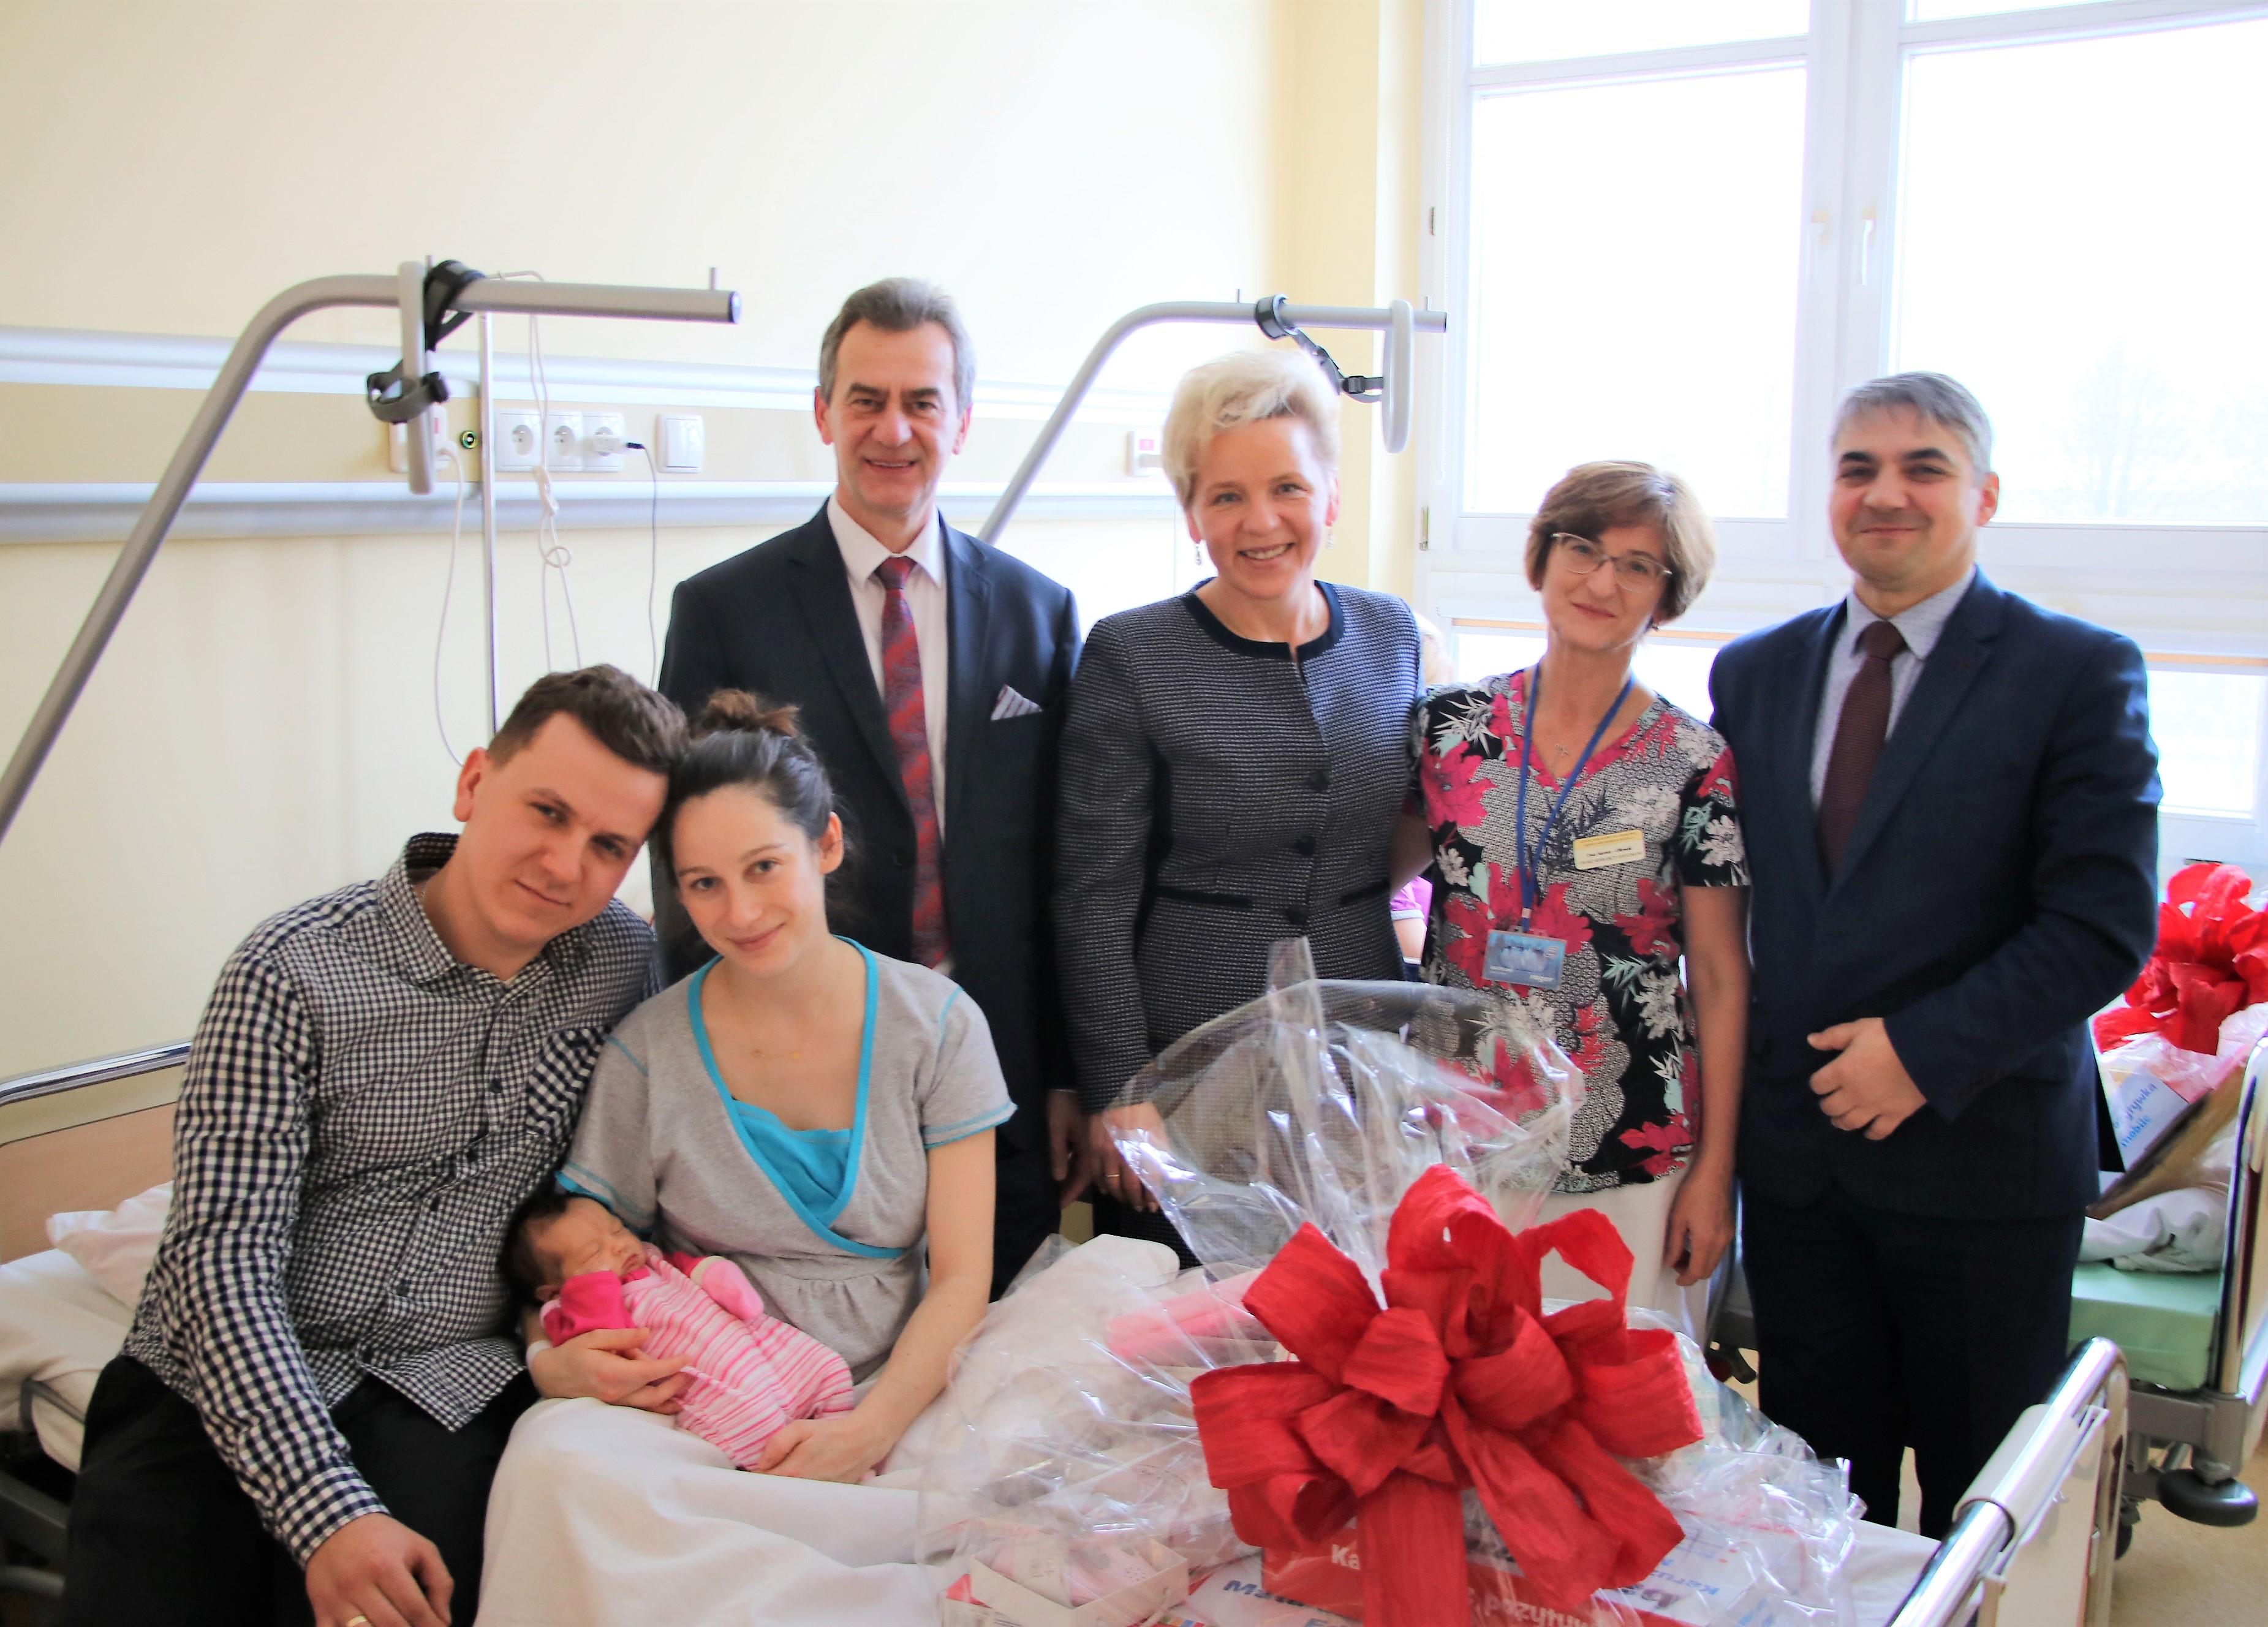 włodarze powiatu, dyrektor szpitala oraz rodzice i mała Laura